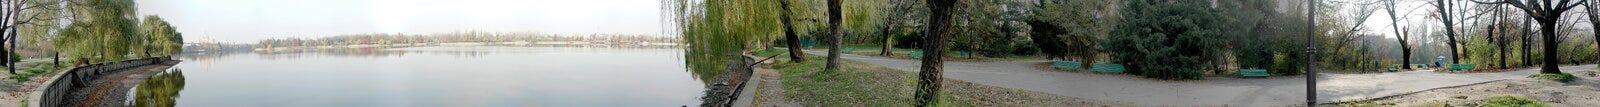 Lago Herastrau 360 grados de panorama Imágenes de archivo libres de regalías